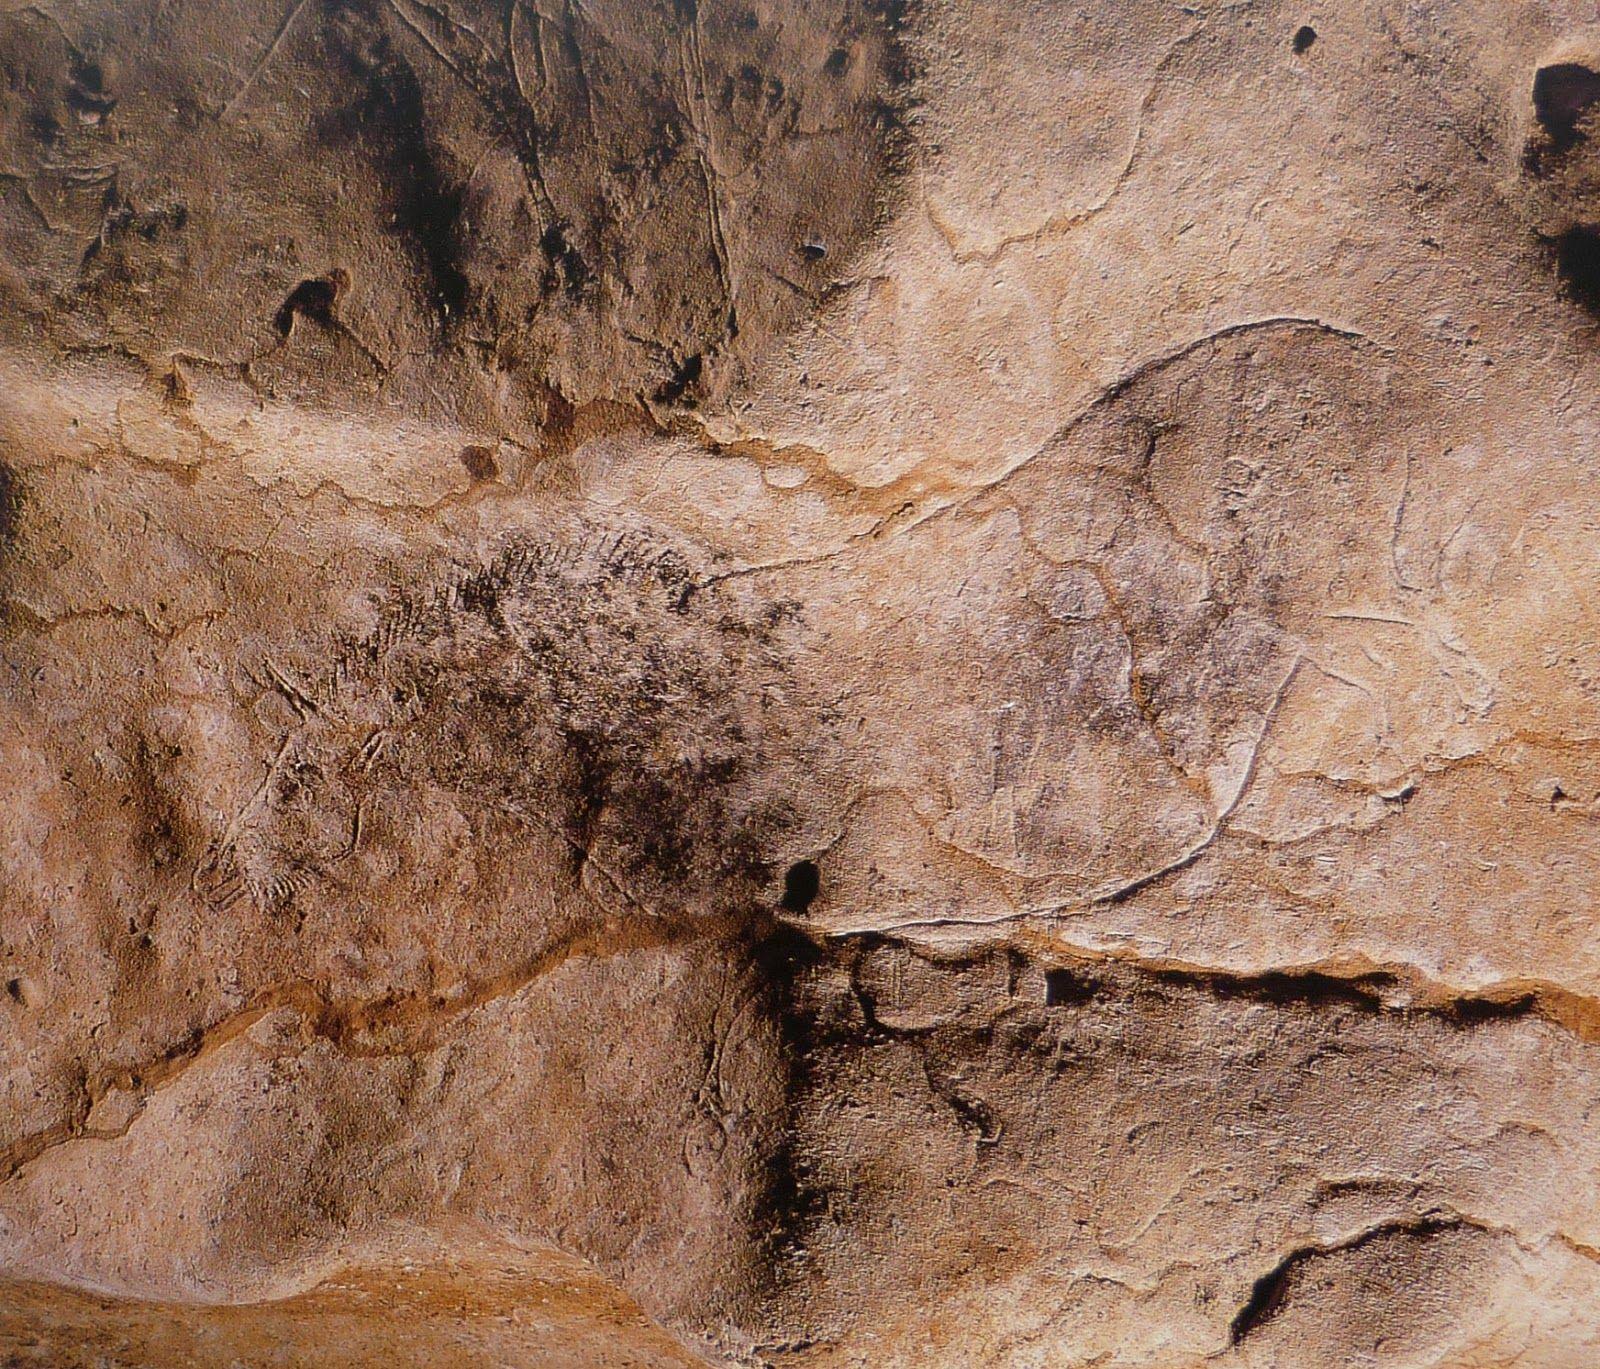 Peintures pariétales de Lascaux - Lascaux cave paintings   Preistoria